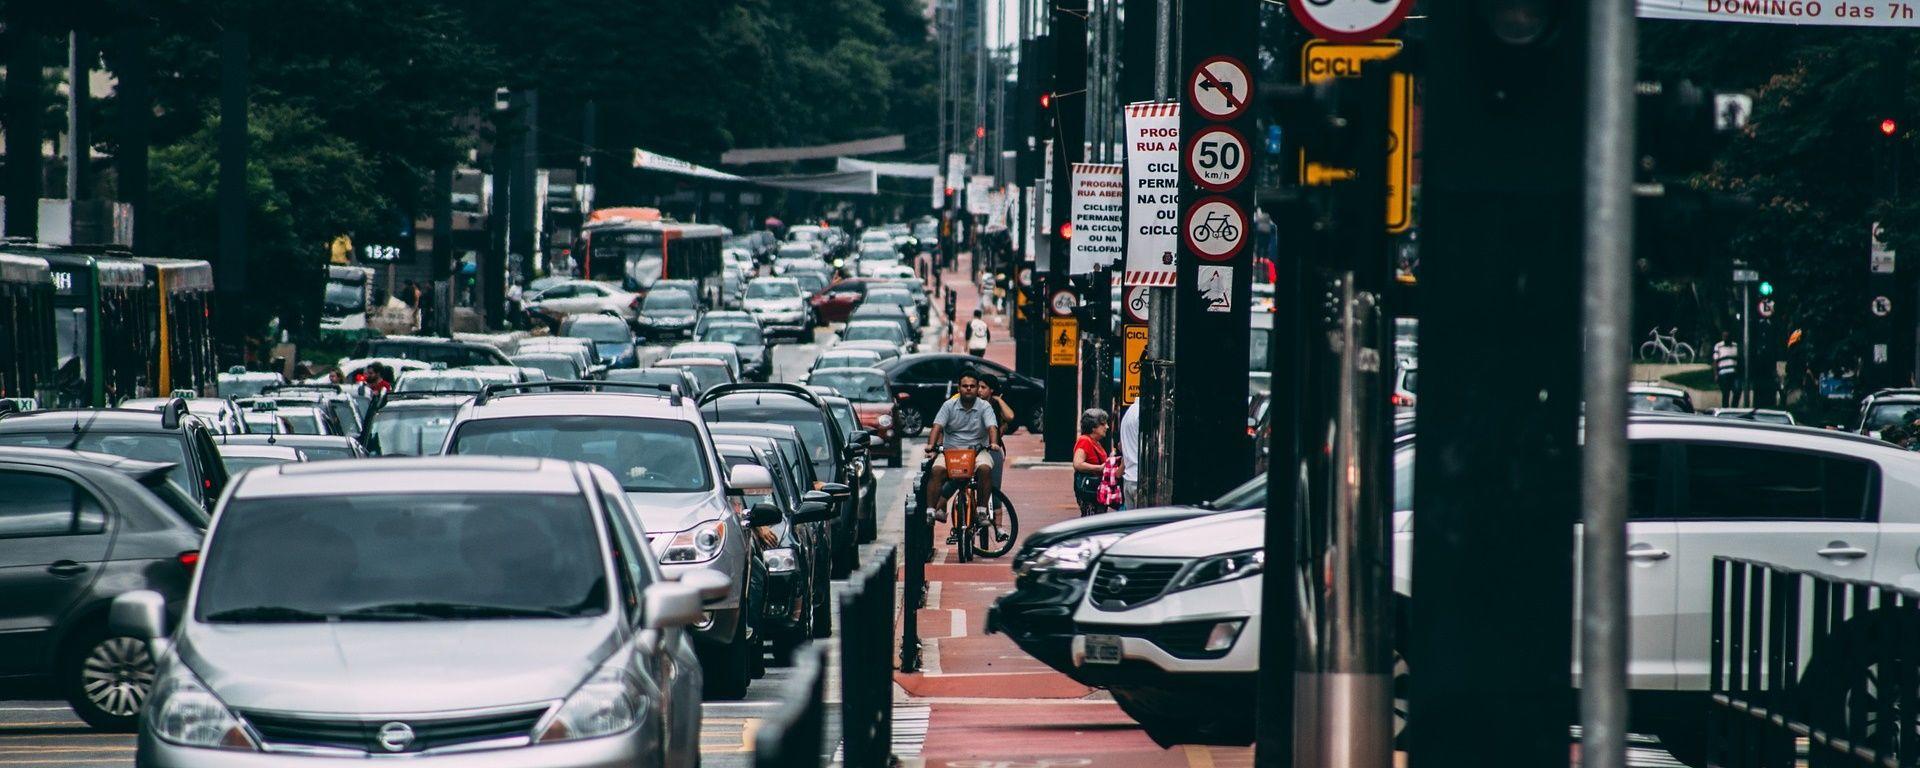 mobilidade urbana nas grandes cidades pelo aglomeramento de carros